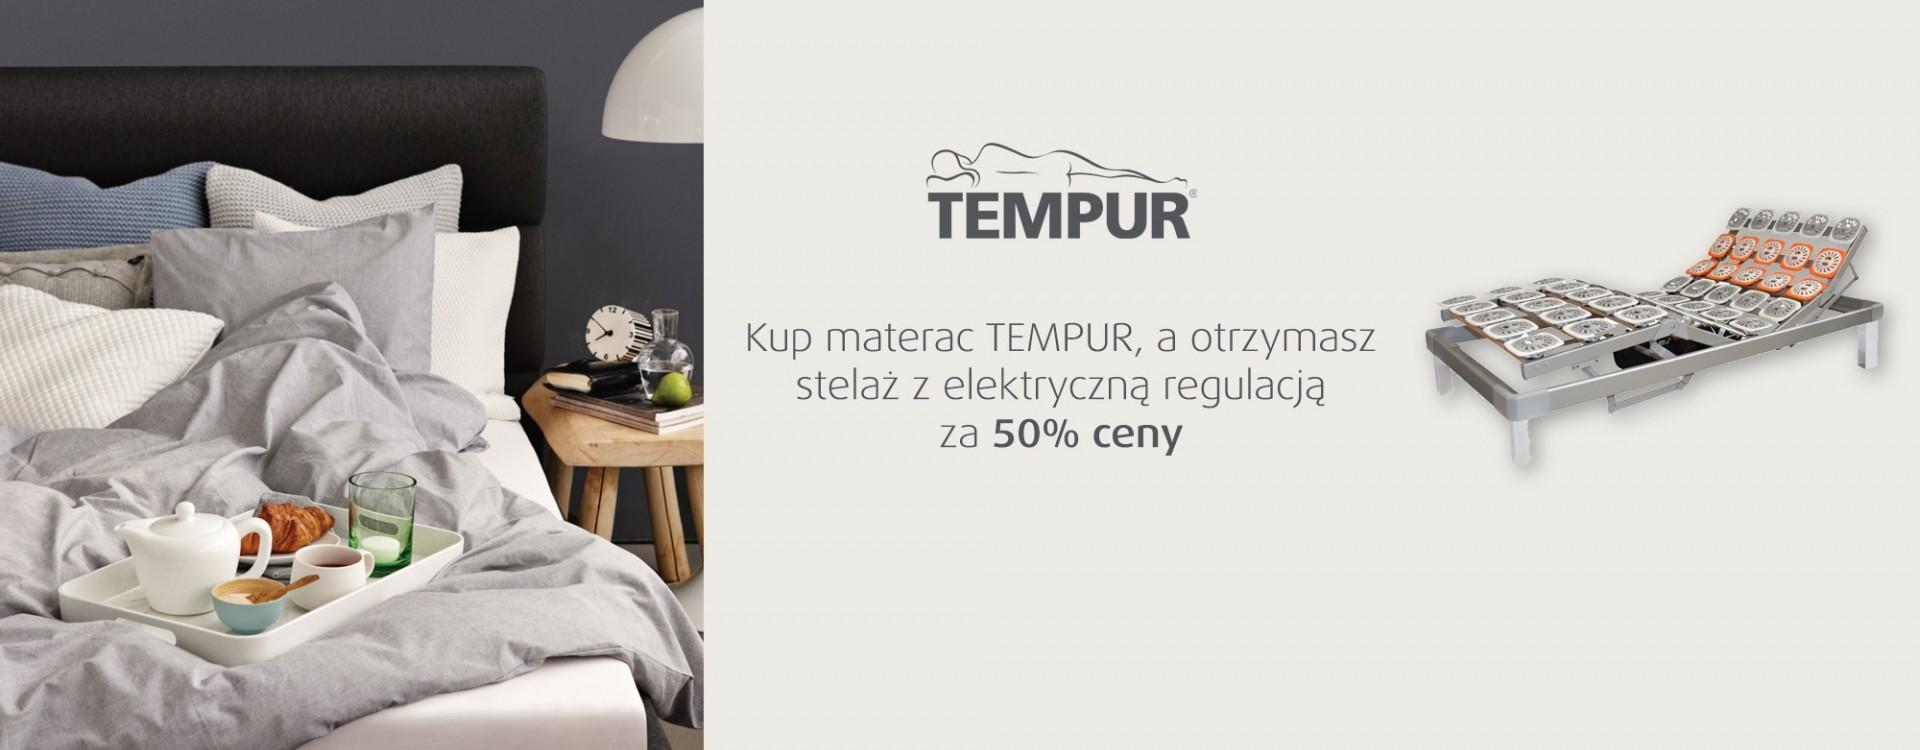 Kup materac TEMPUR® a stelaż otrzymasz za 50% ceny!